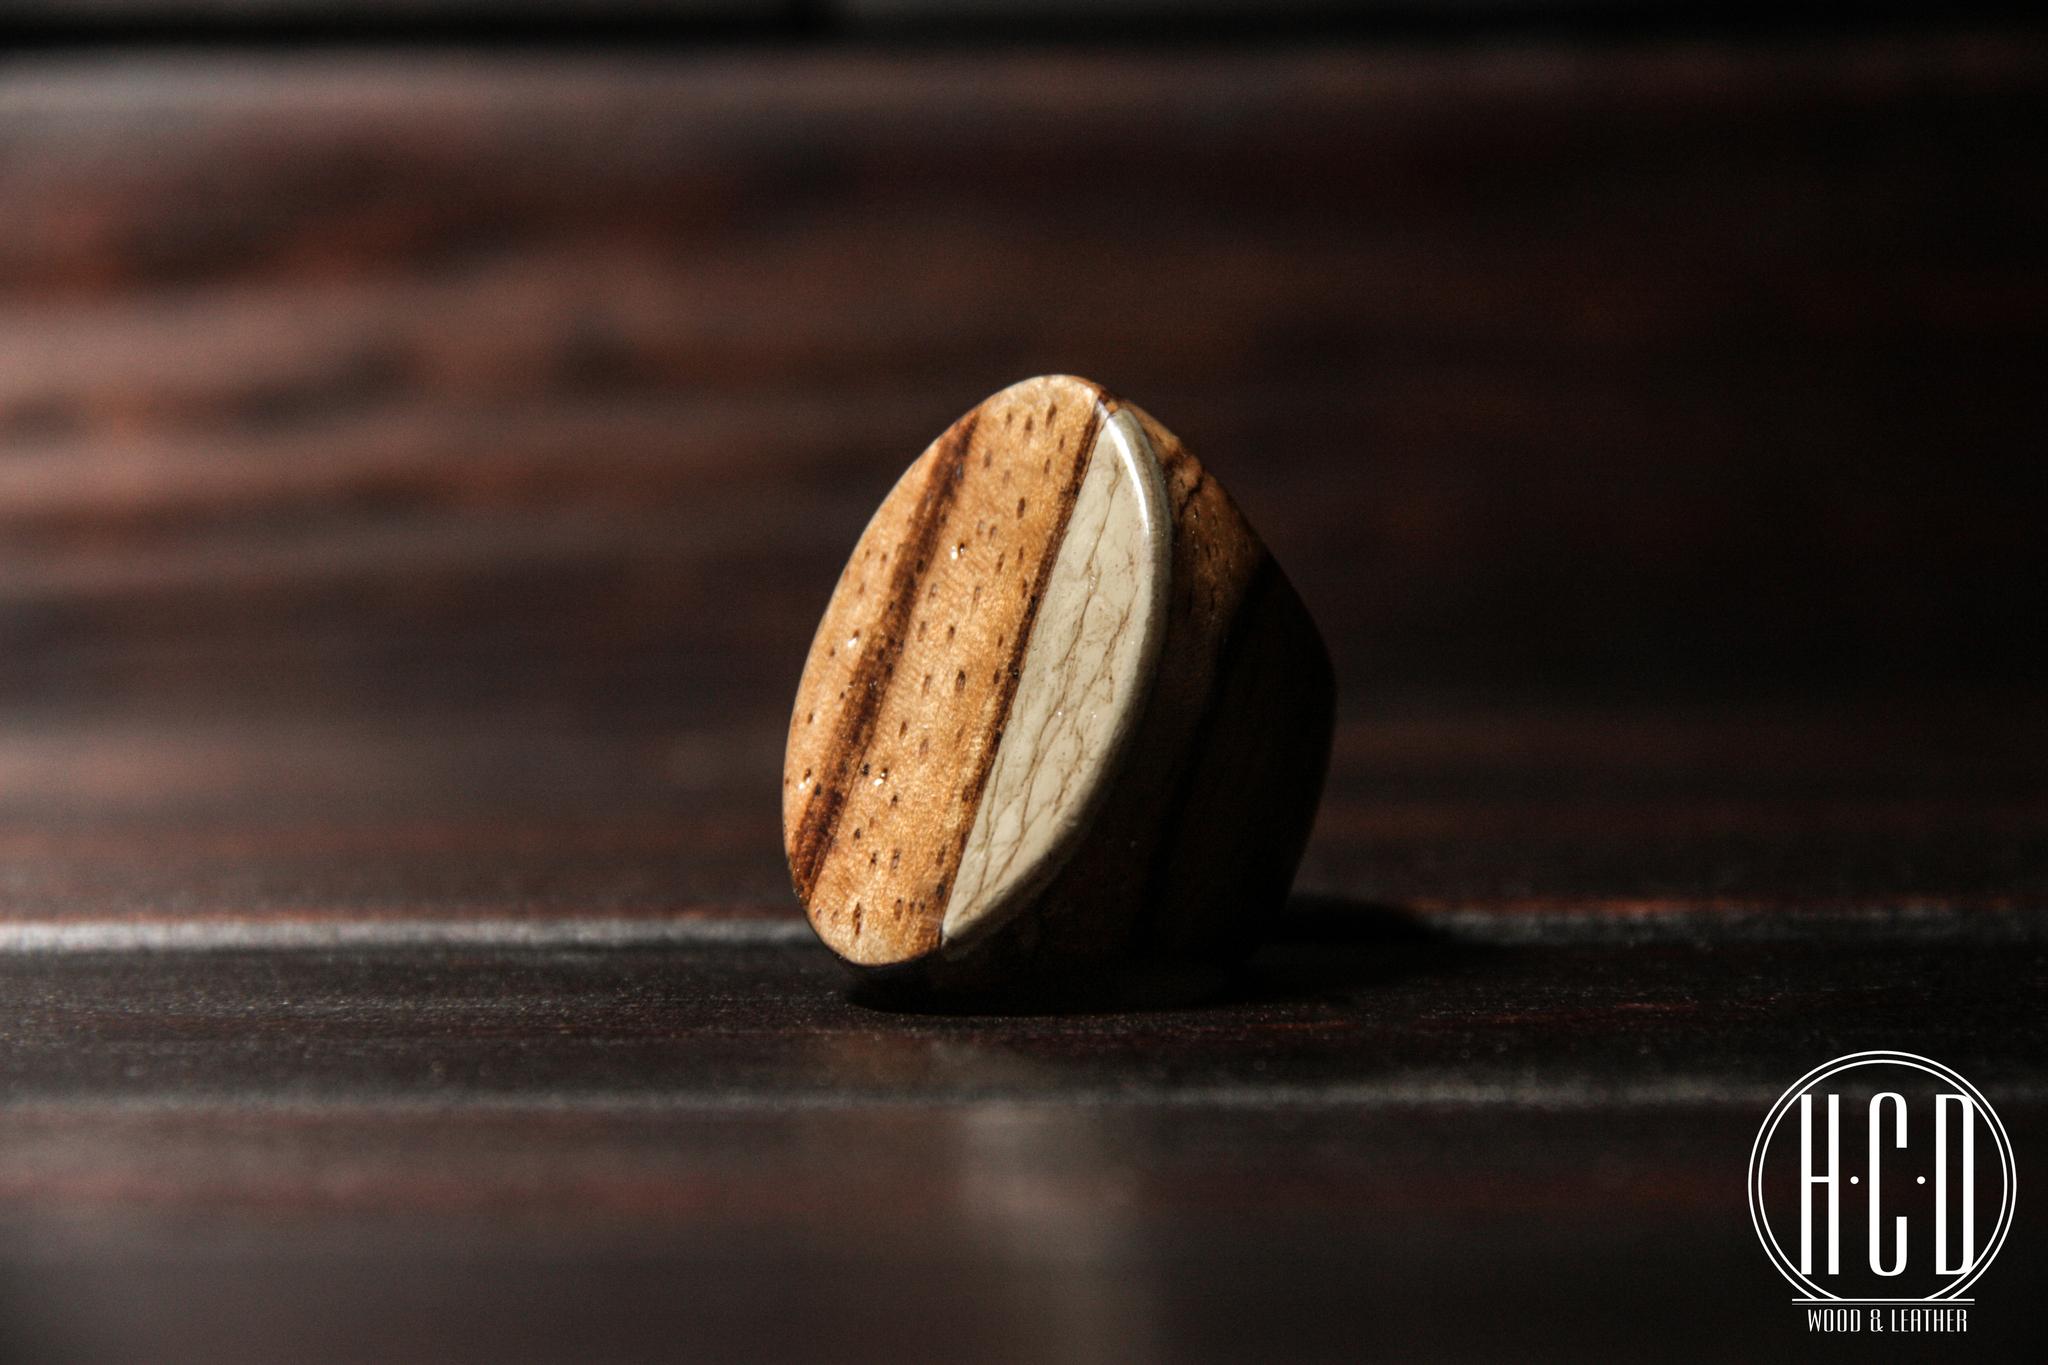 Деревянное кольцо с кожаной вставкой (Зебрано)